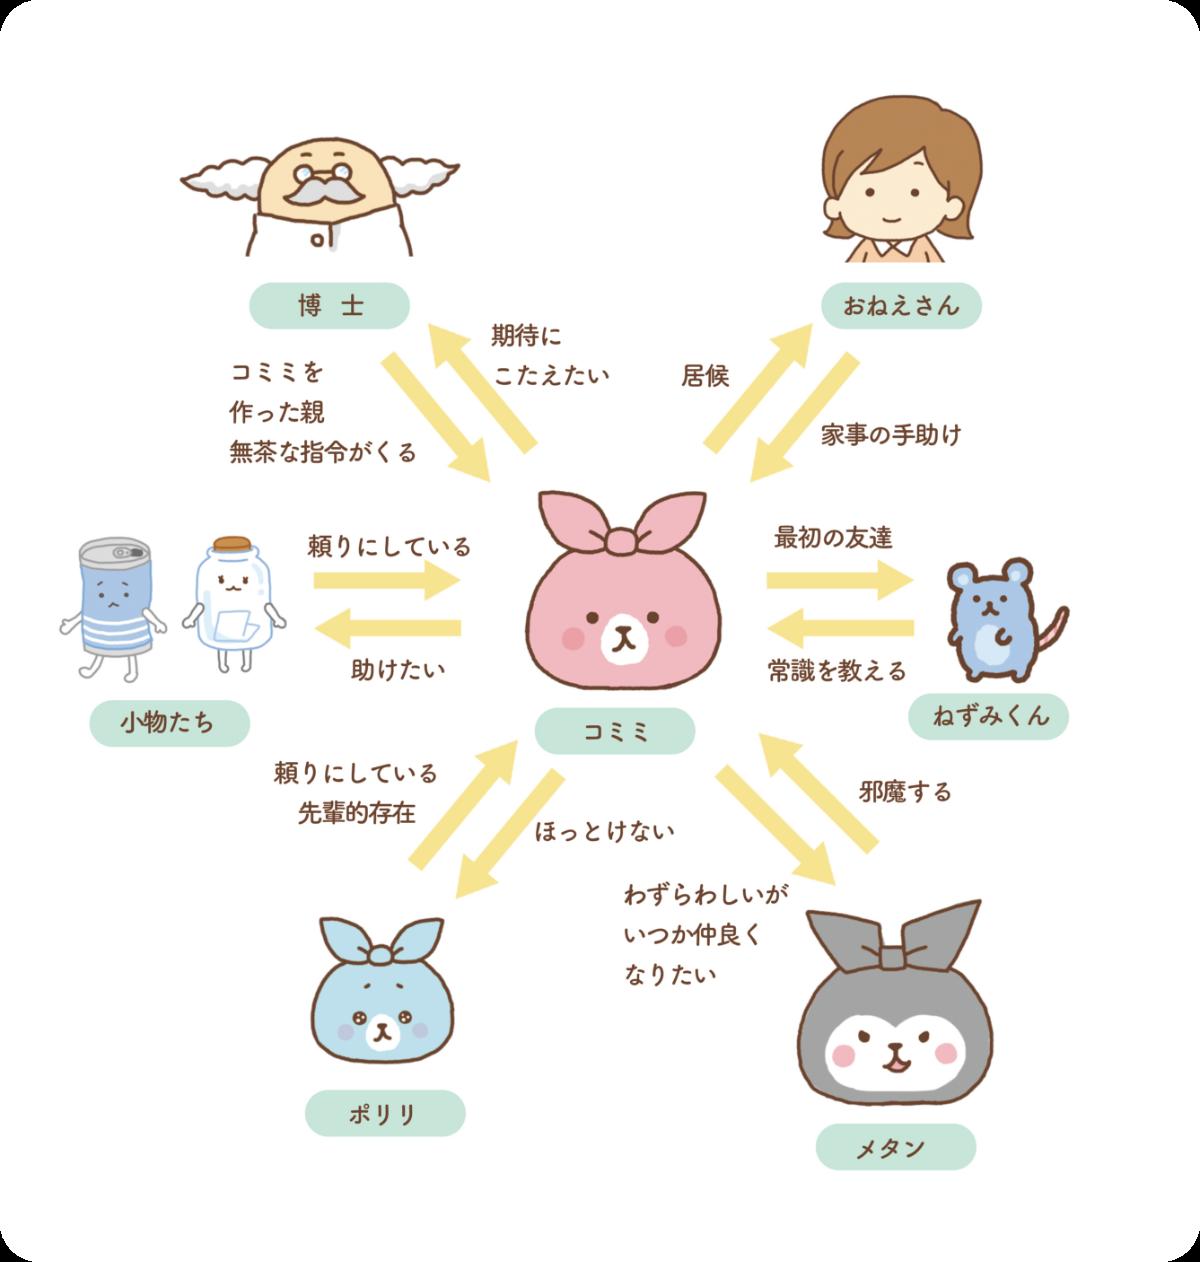 コミミちゃんキャラクター相関図